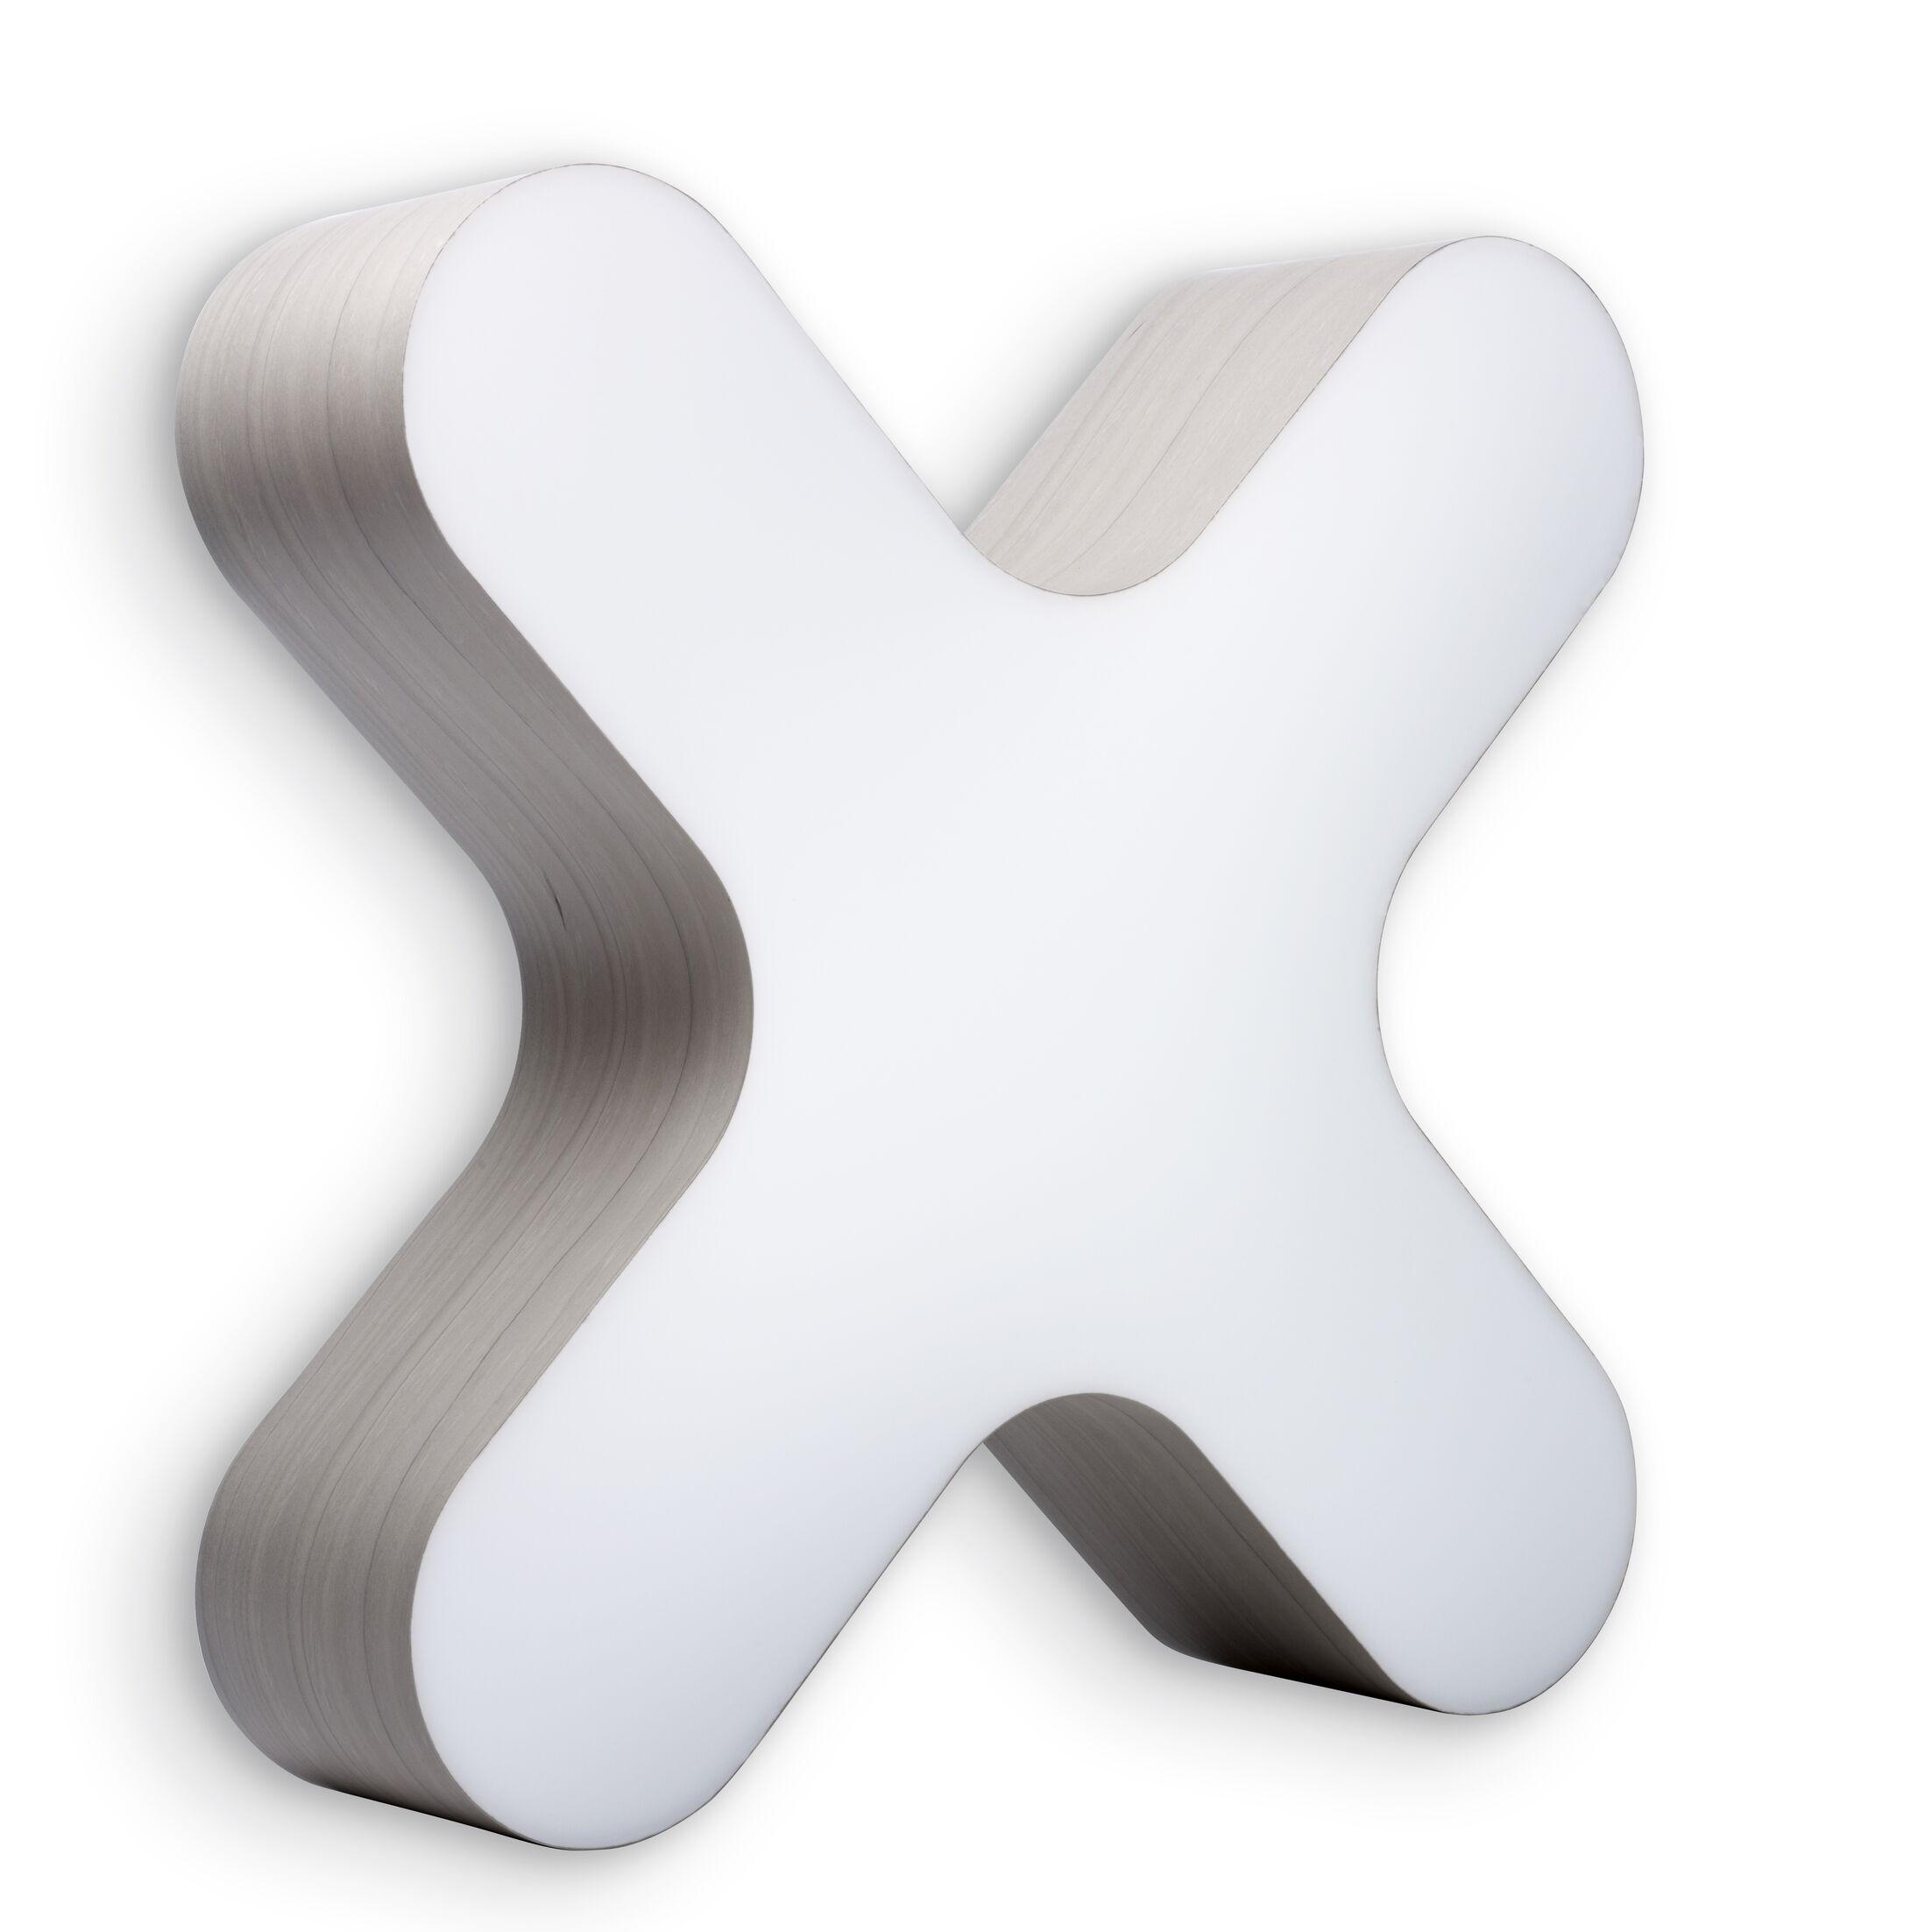 X-Club 4 -Light LED Flush Mount Fixture Finish: Gray